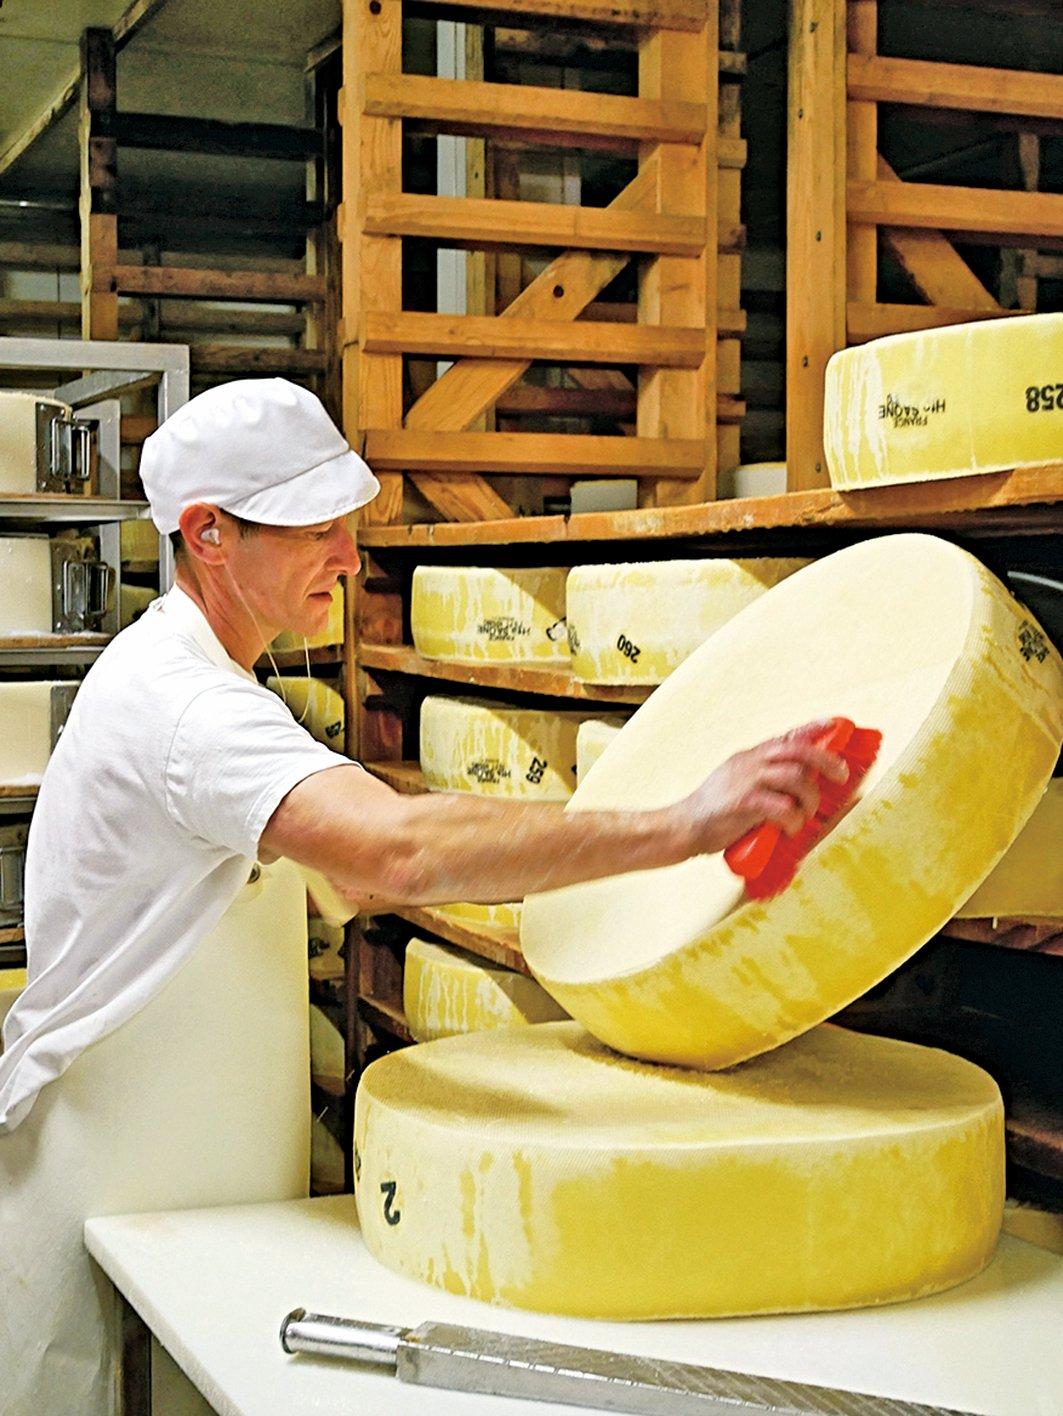 法蘭琪-康堤是芝士之鄉,工廠裏的工作人員正在處理芝士。